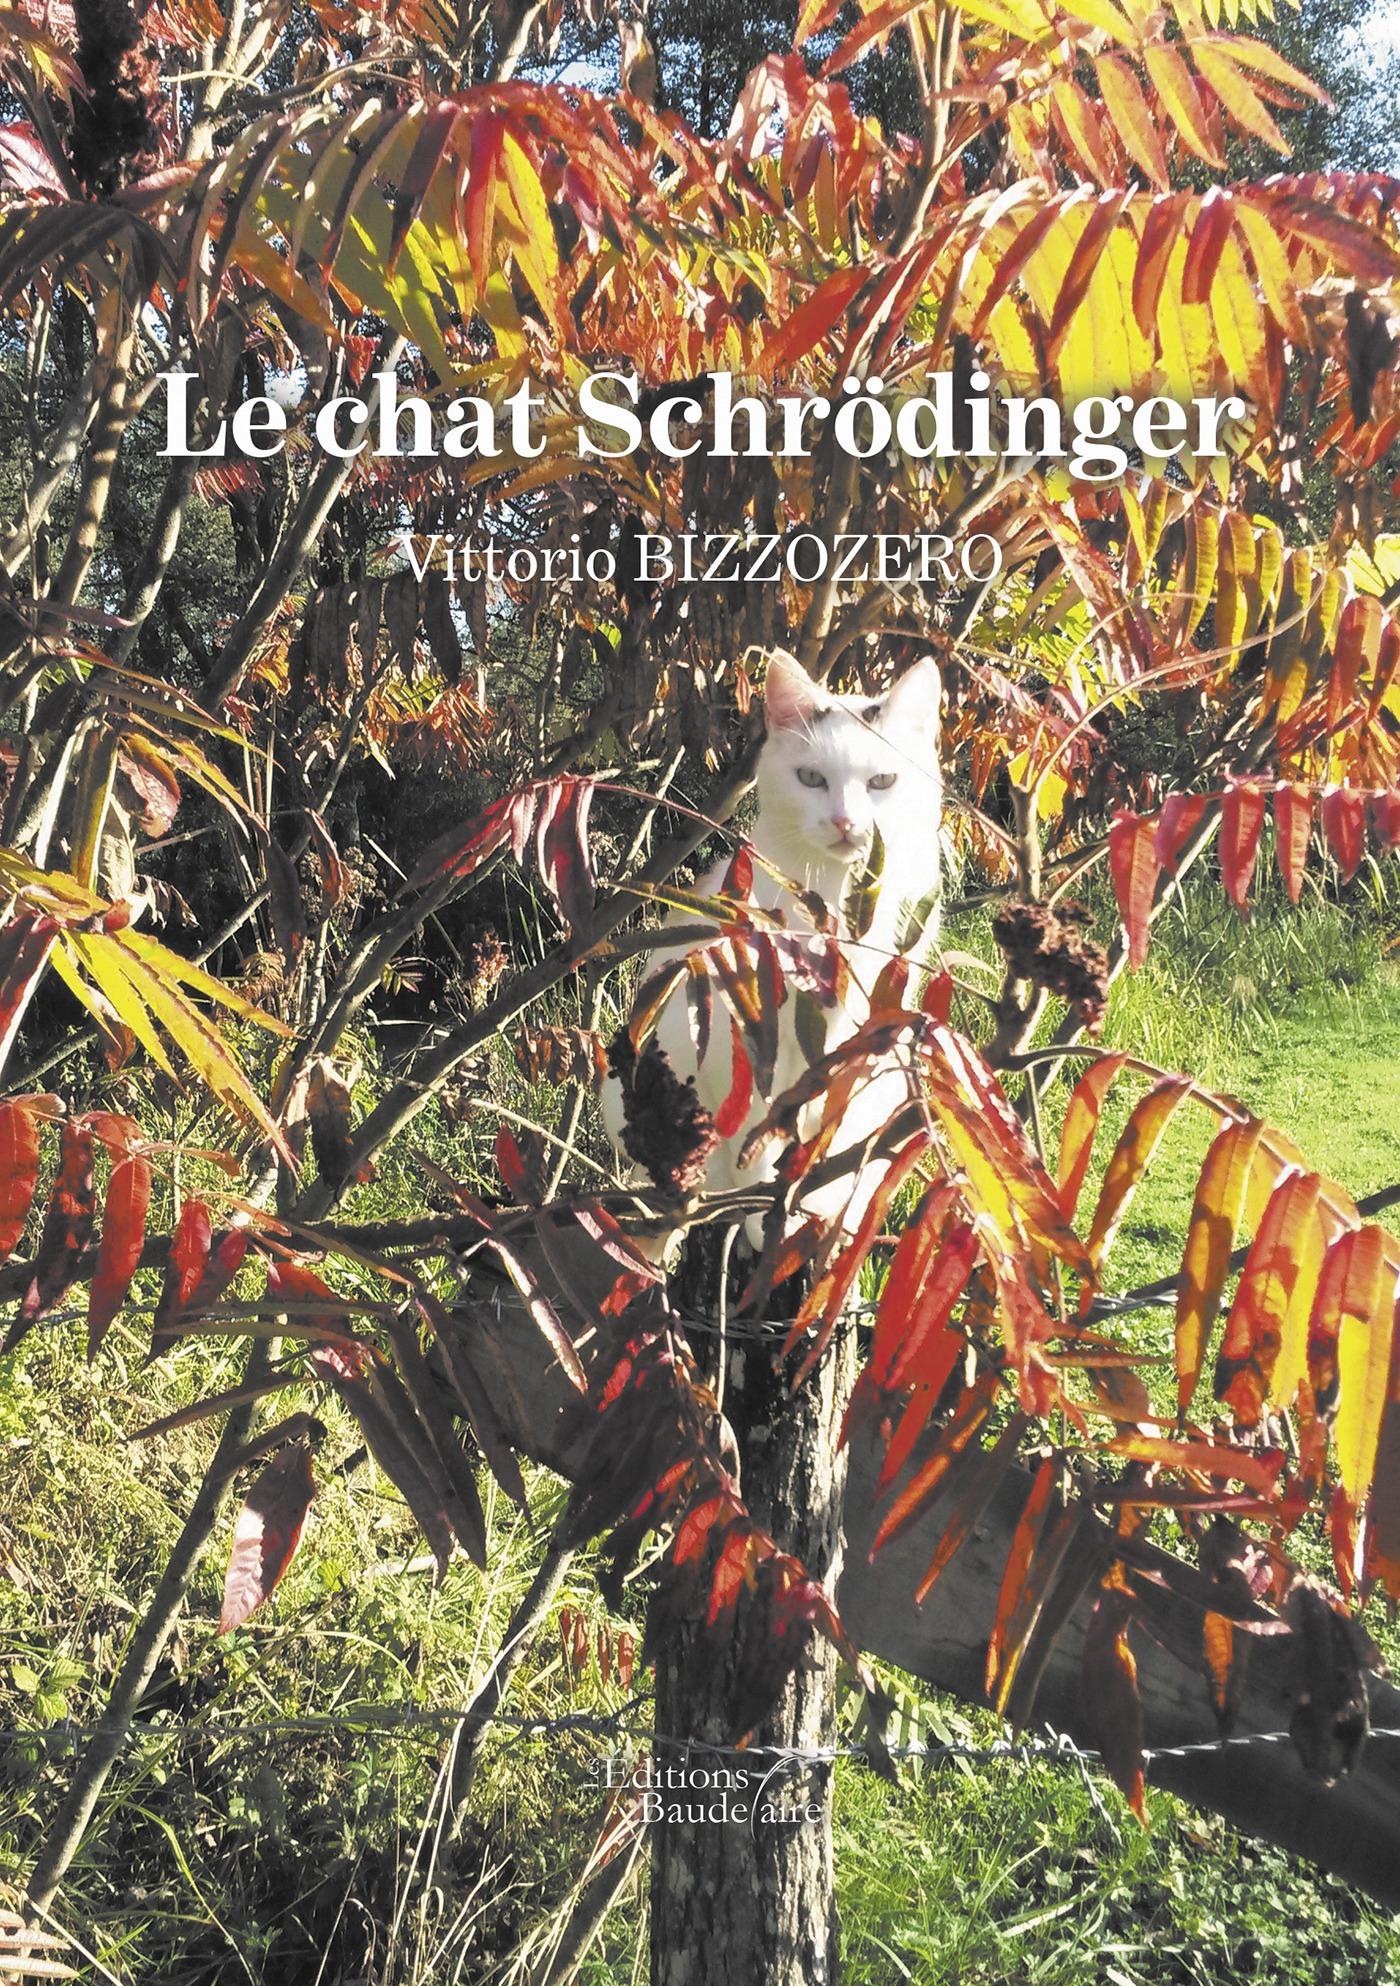 Le chat Schrödinger